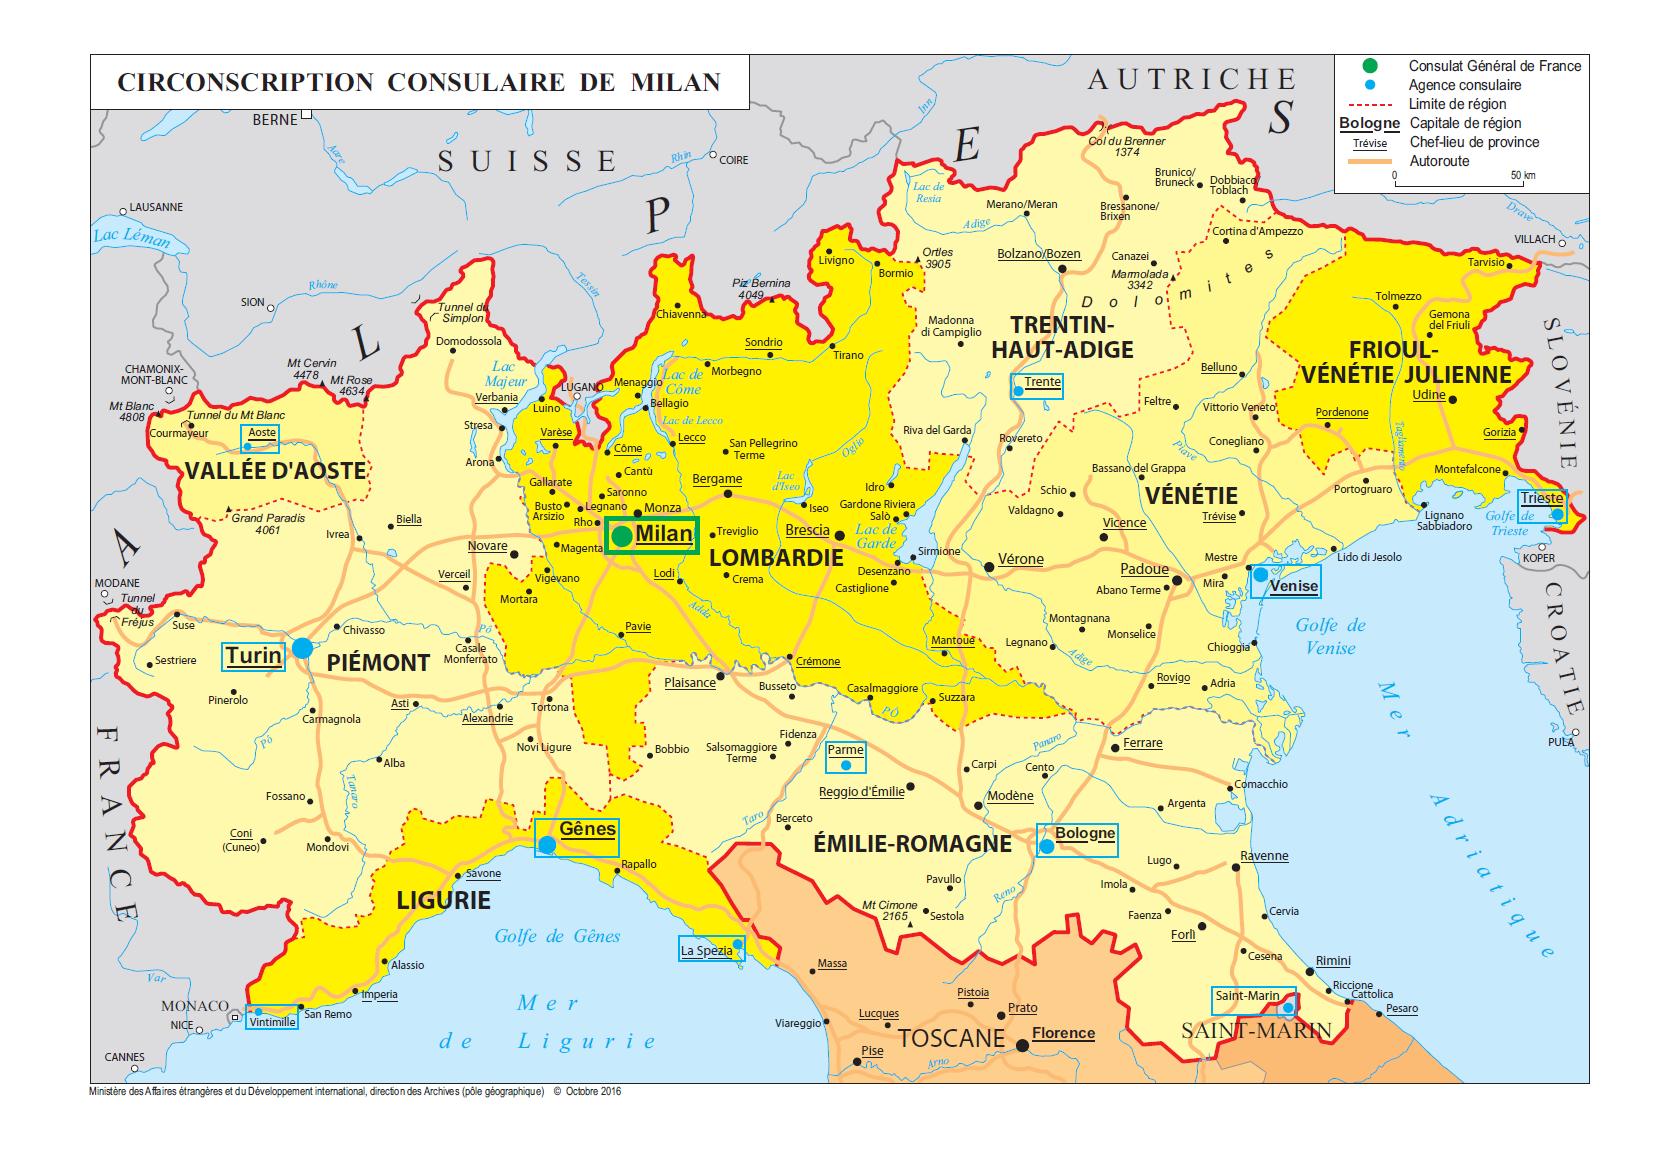 Carte Italie Du Nord Lombardie.Trouvez Votre Circonscription Consulaire La France En Italie